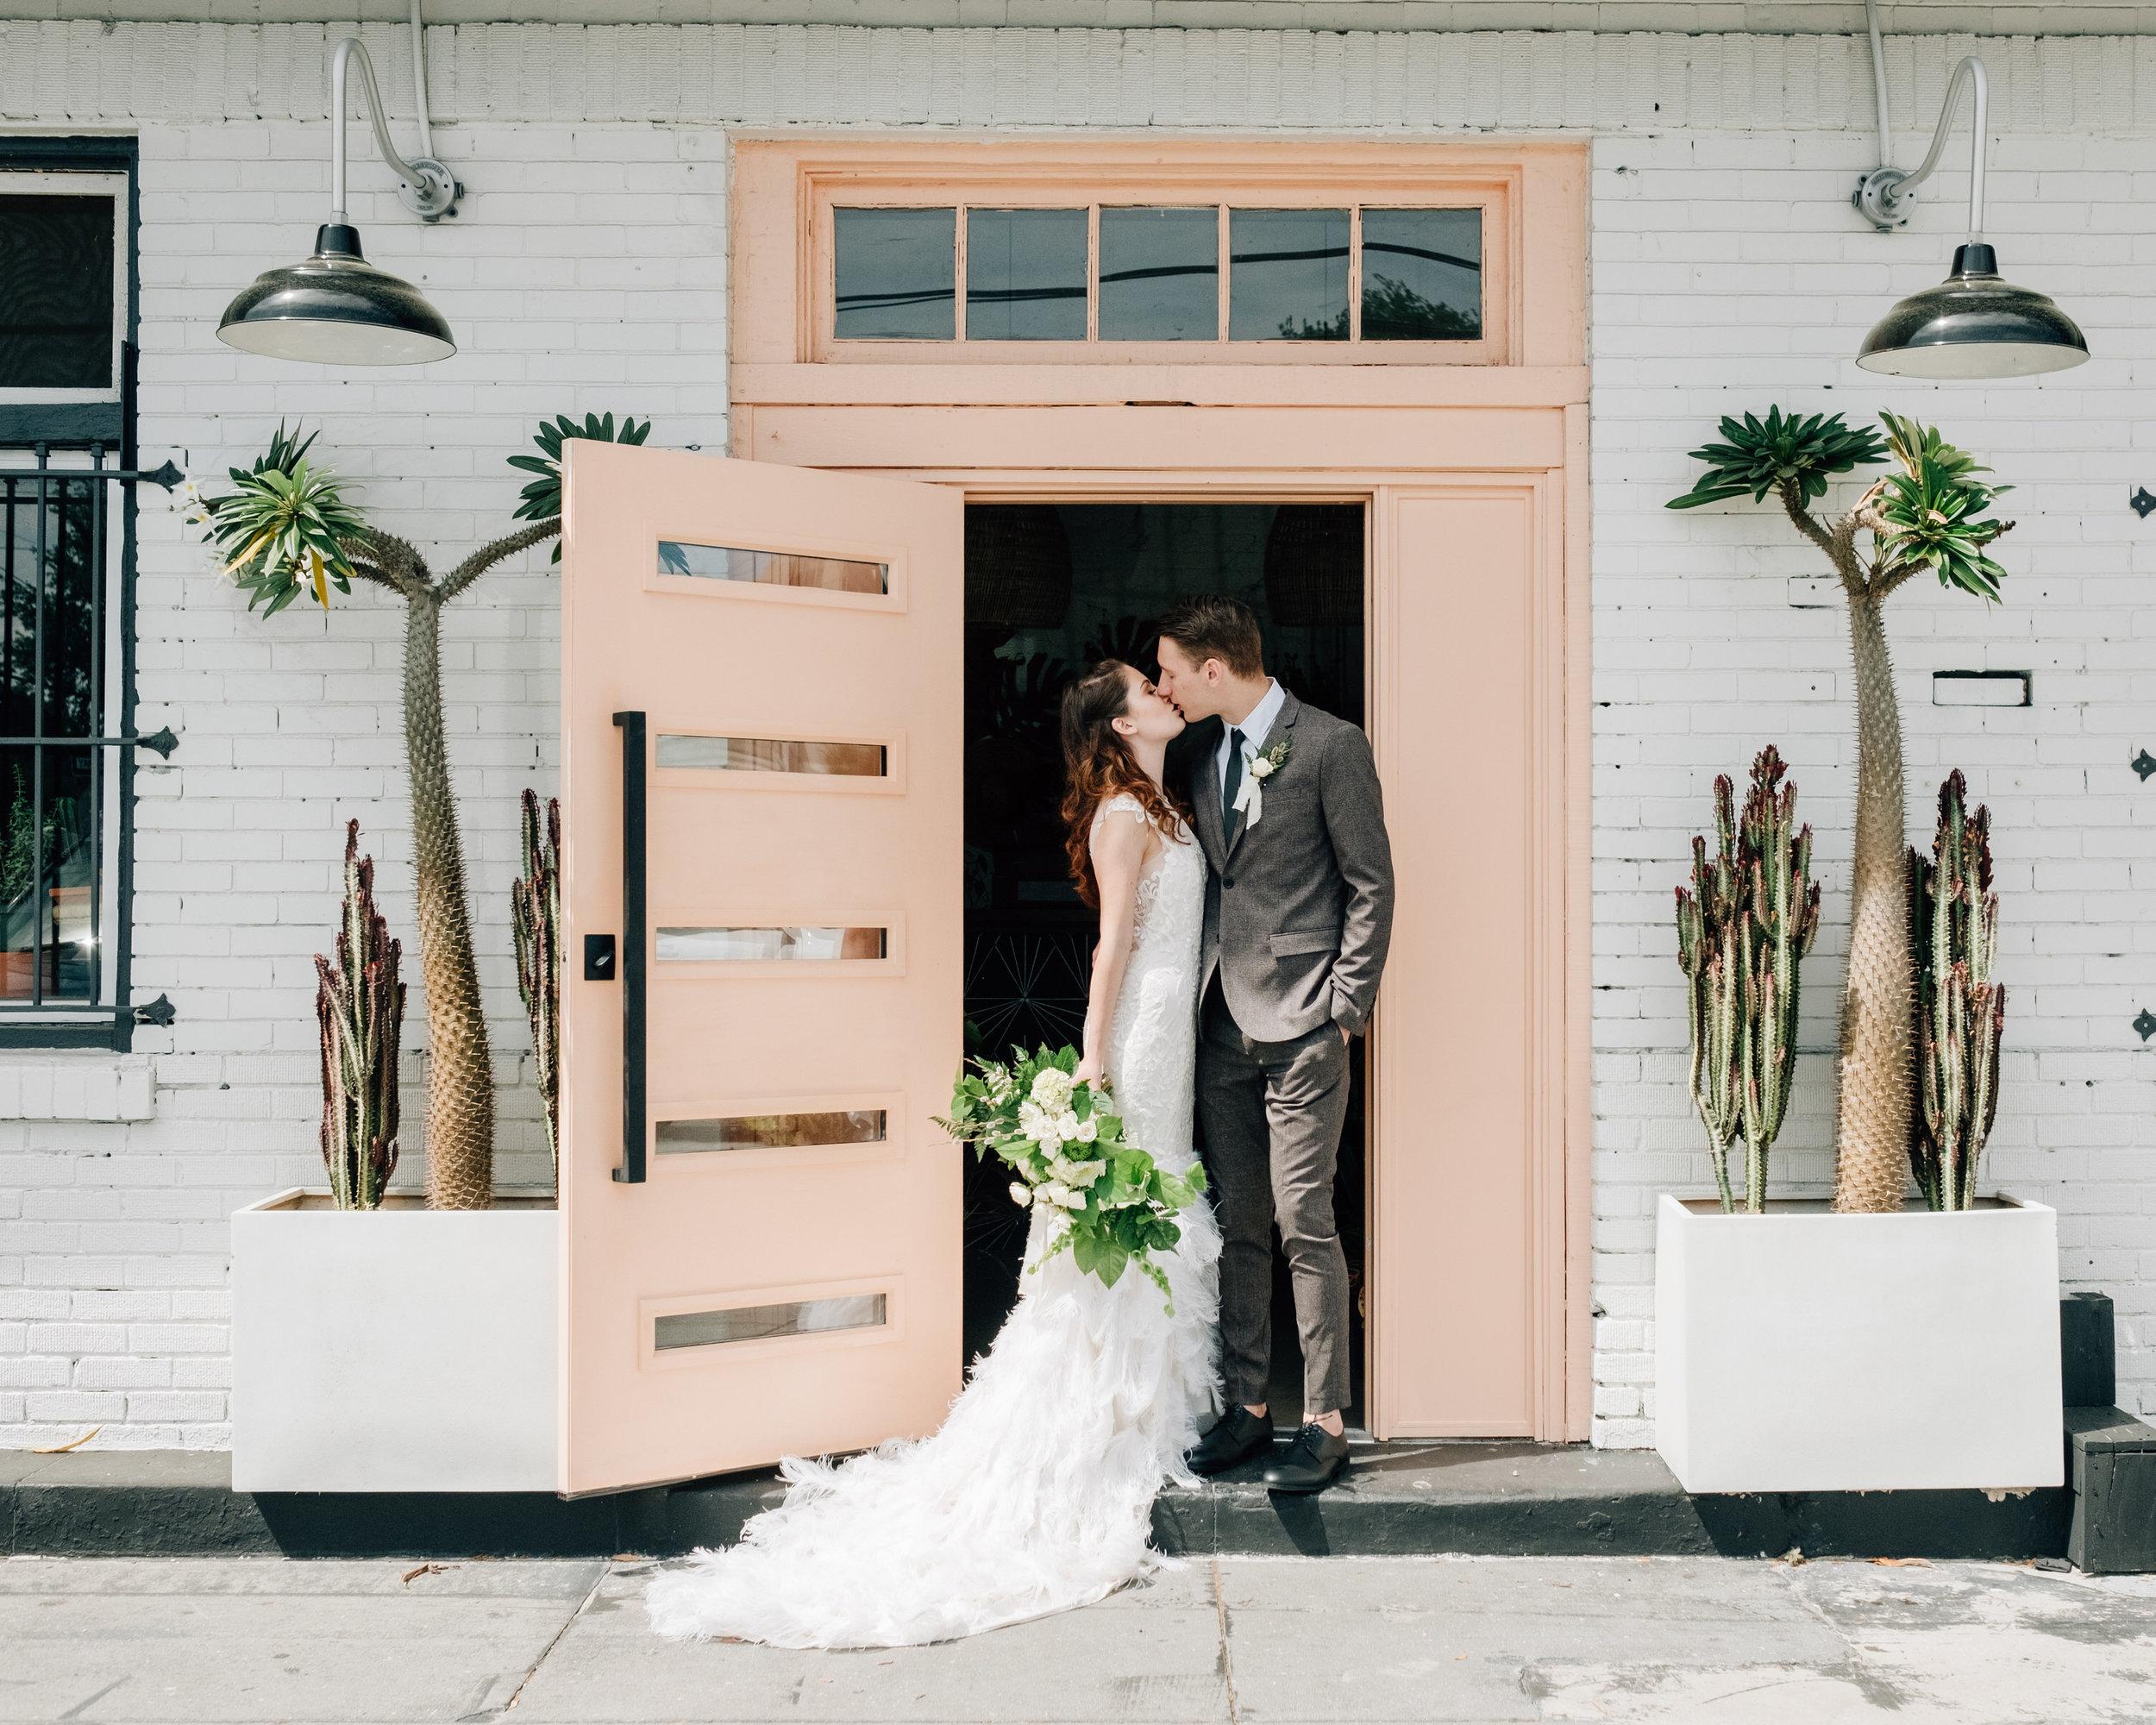 Amethyst Weddings Styled Shoot 3-25-18 095.jpg